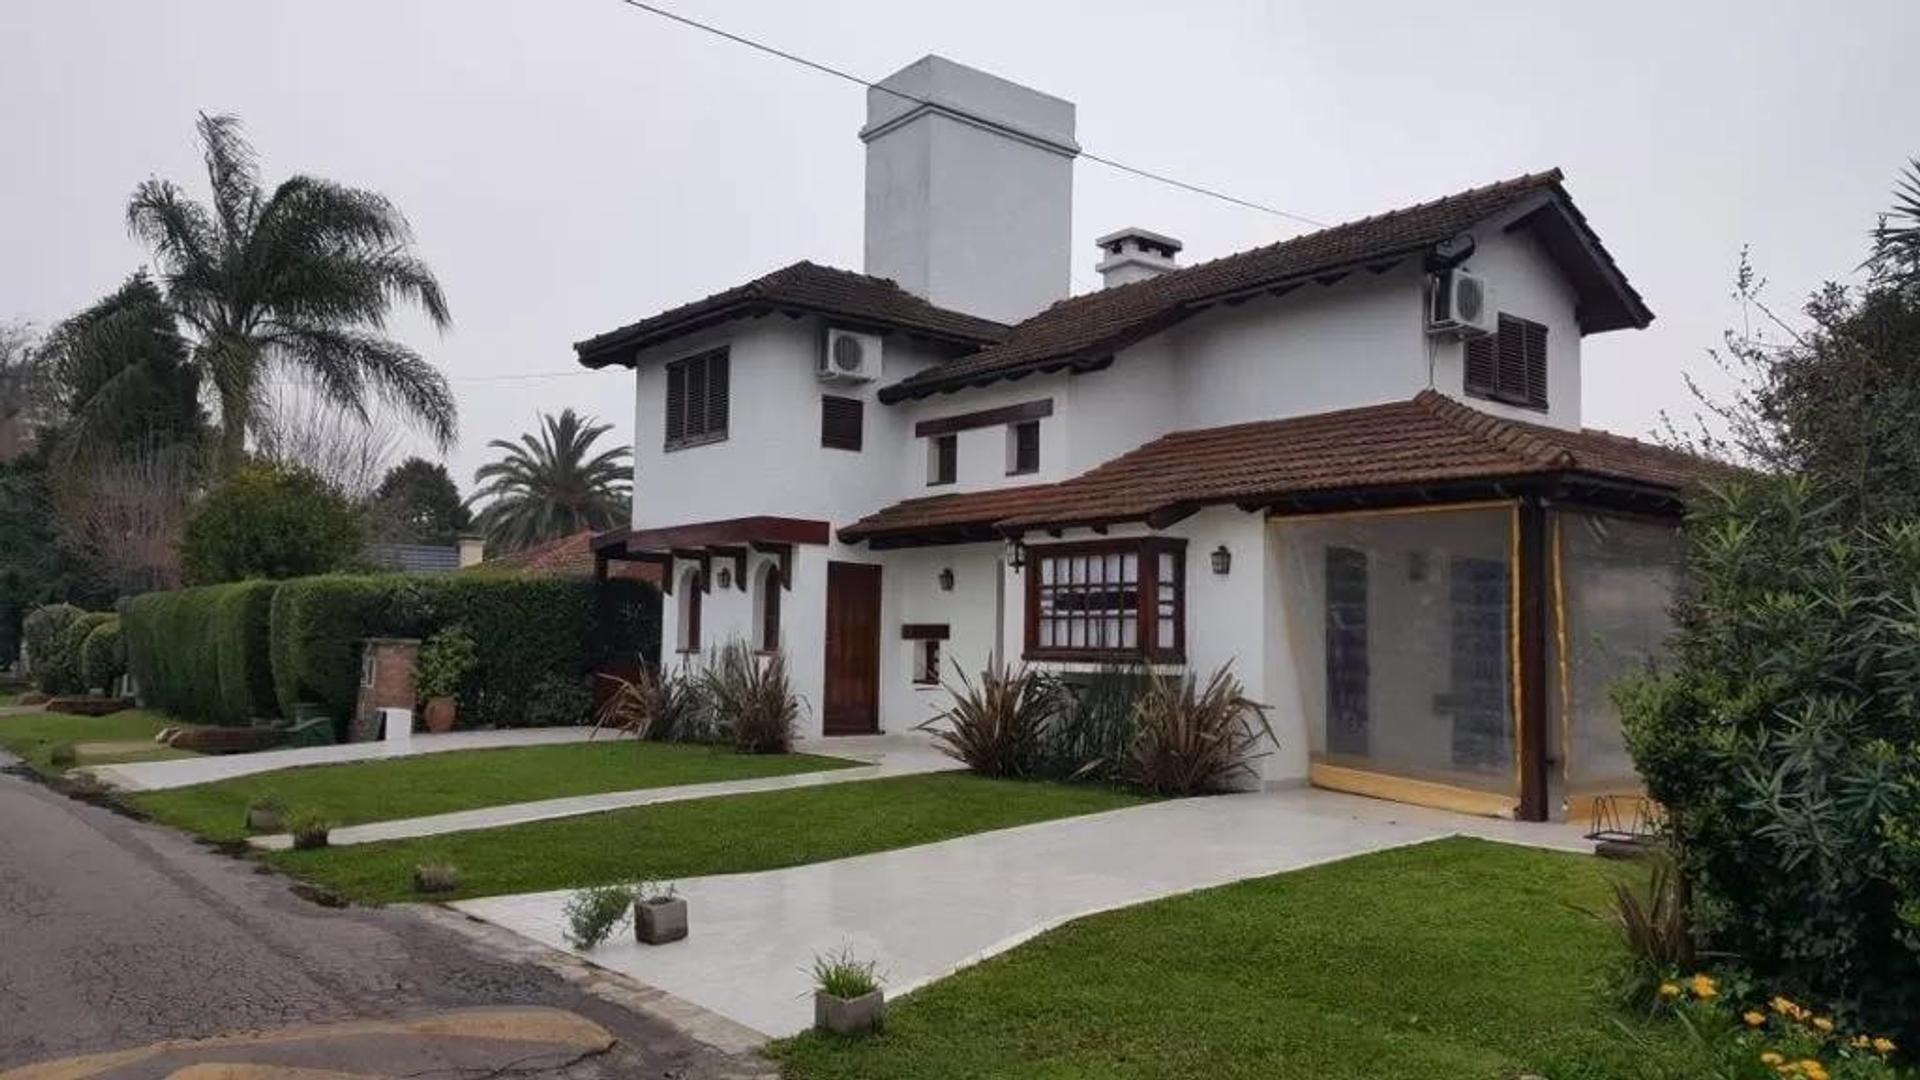 Casa en Venta en Countries y Barrios Cerrados General Rodriguez - 4 ambientes